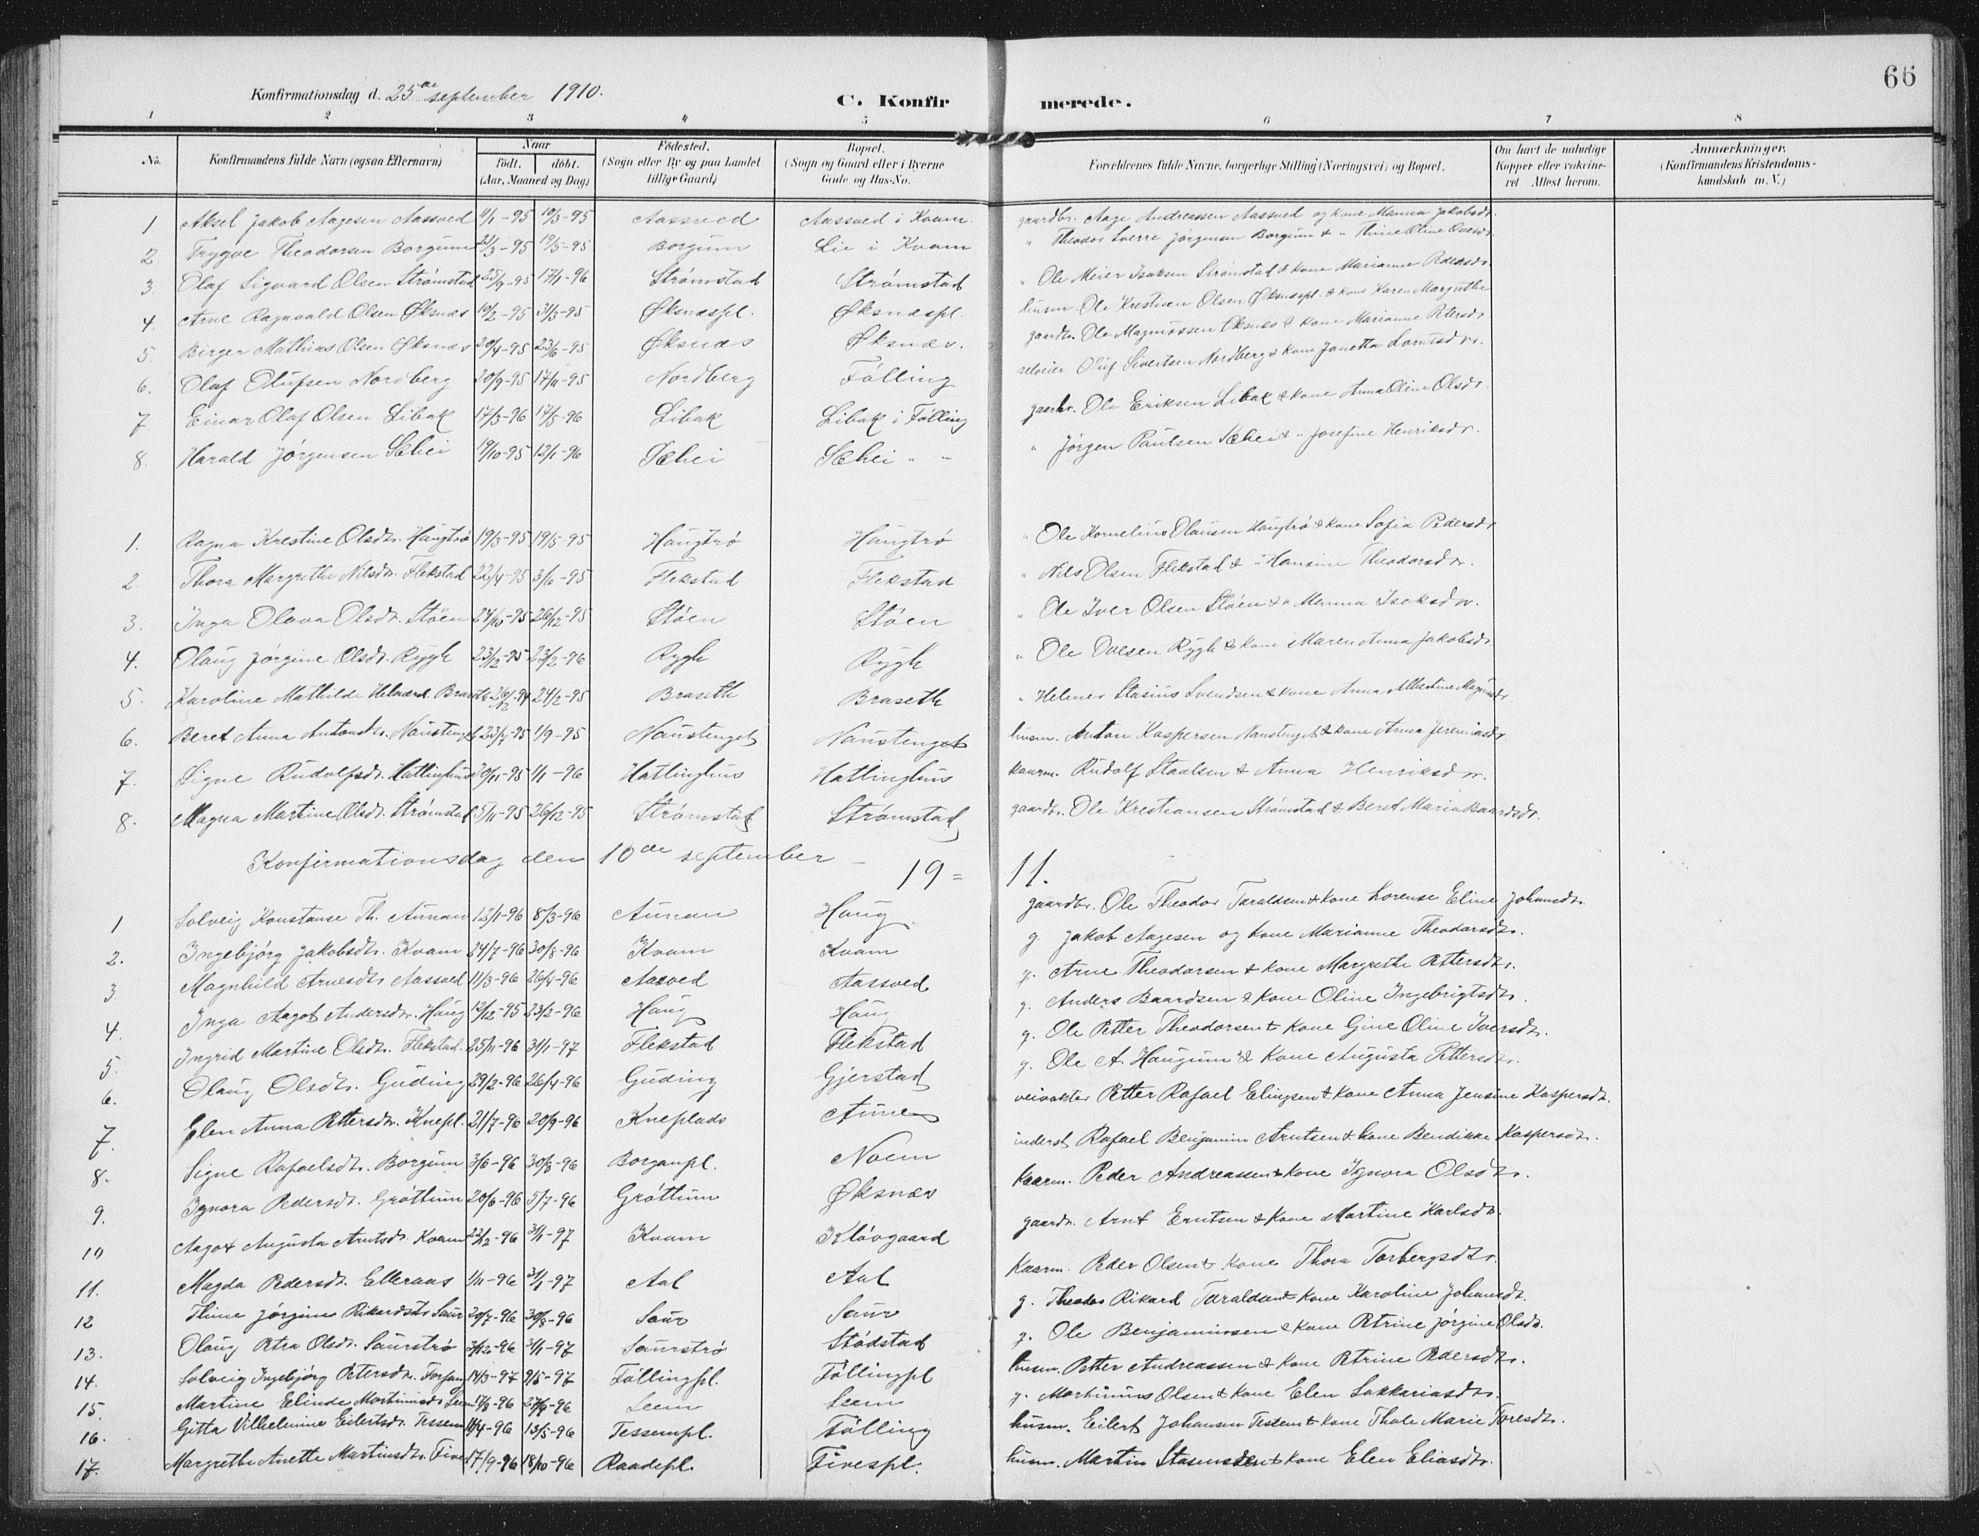 SAT, Ministerialprotokoller, klokkerbøker og fødselsregistre - Nord-Trøndelag, 747/L0460: Klokkerbok nr. 747C02, 1908-1939, s. 66